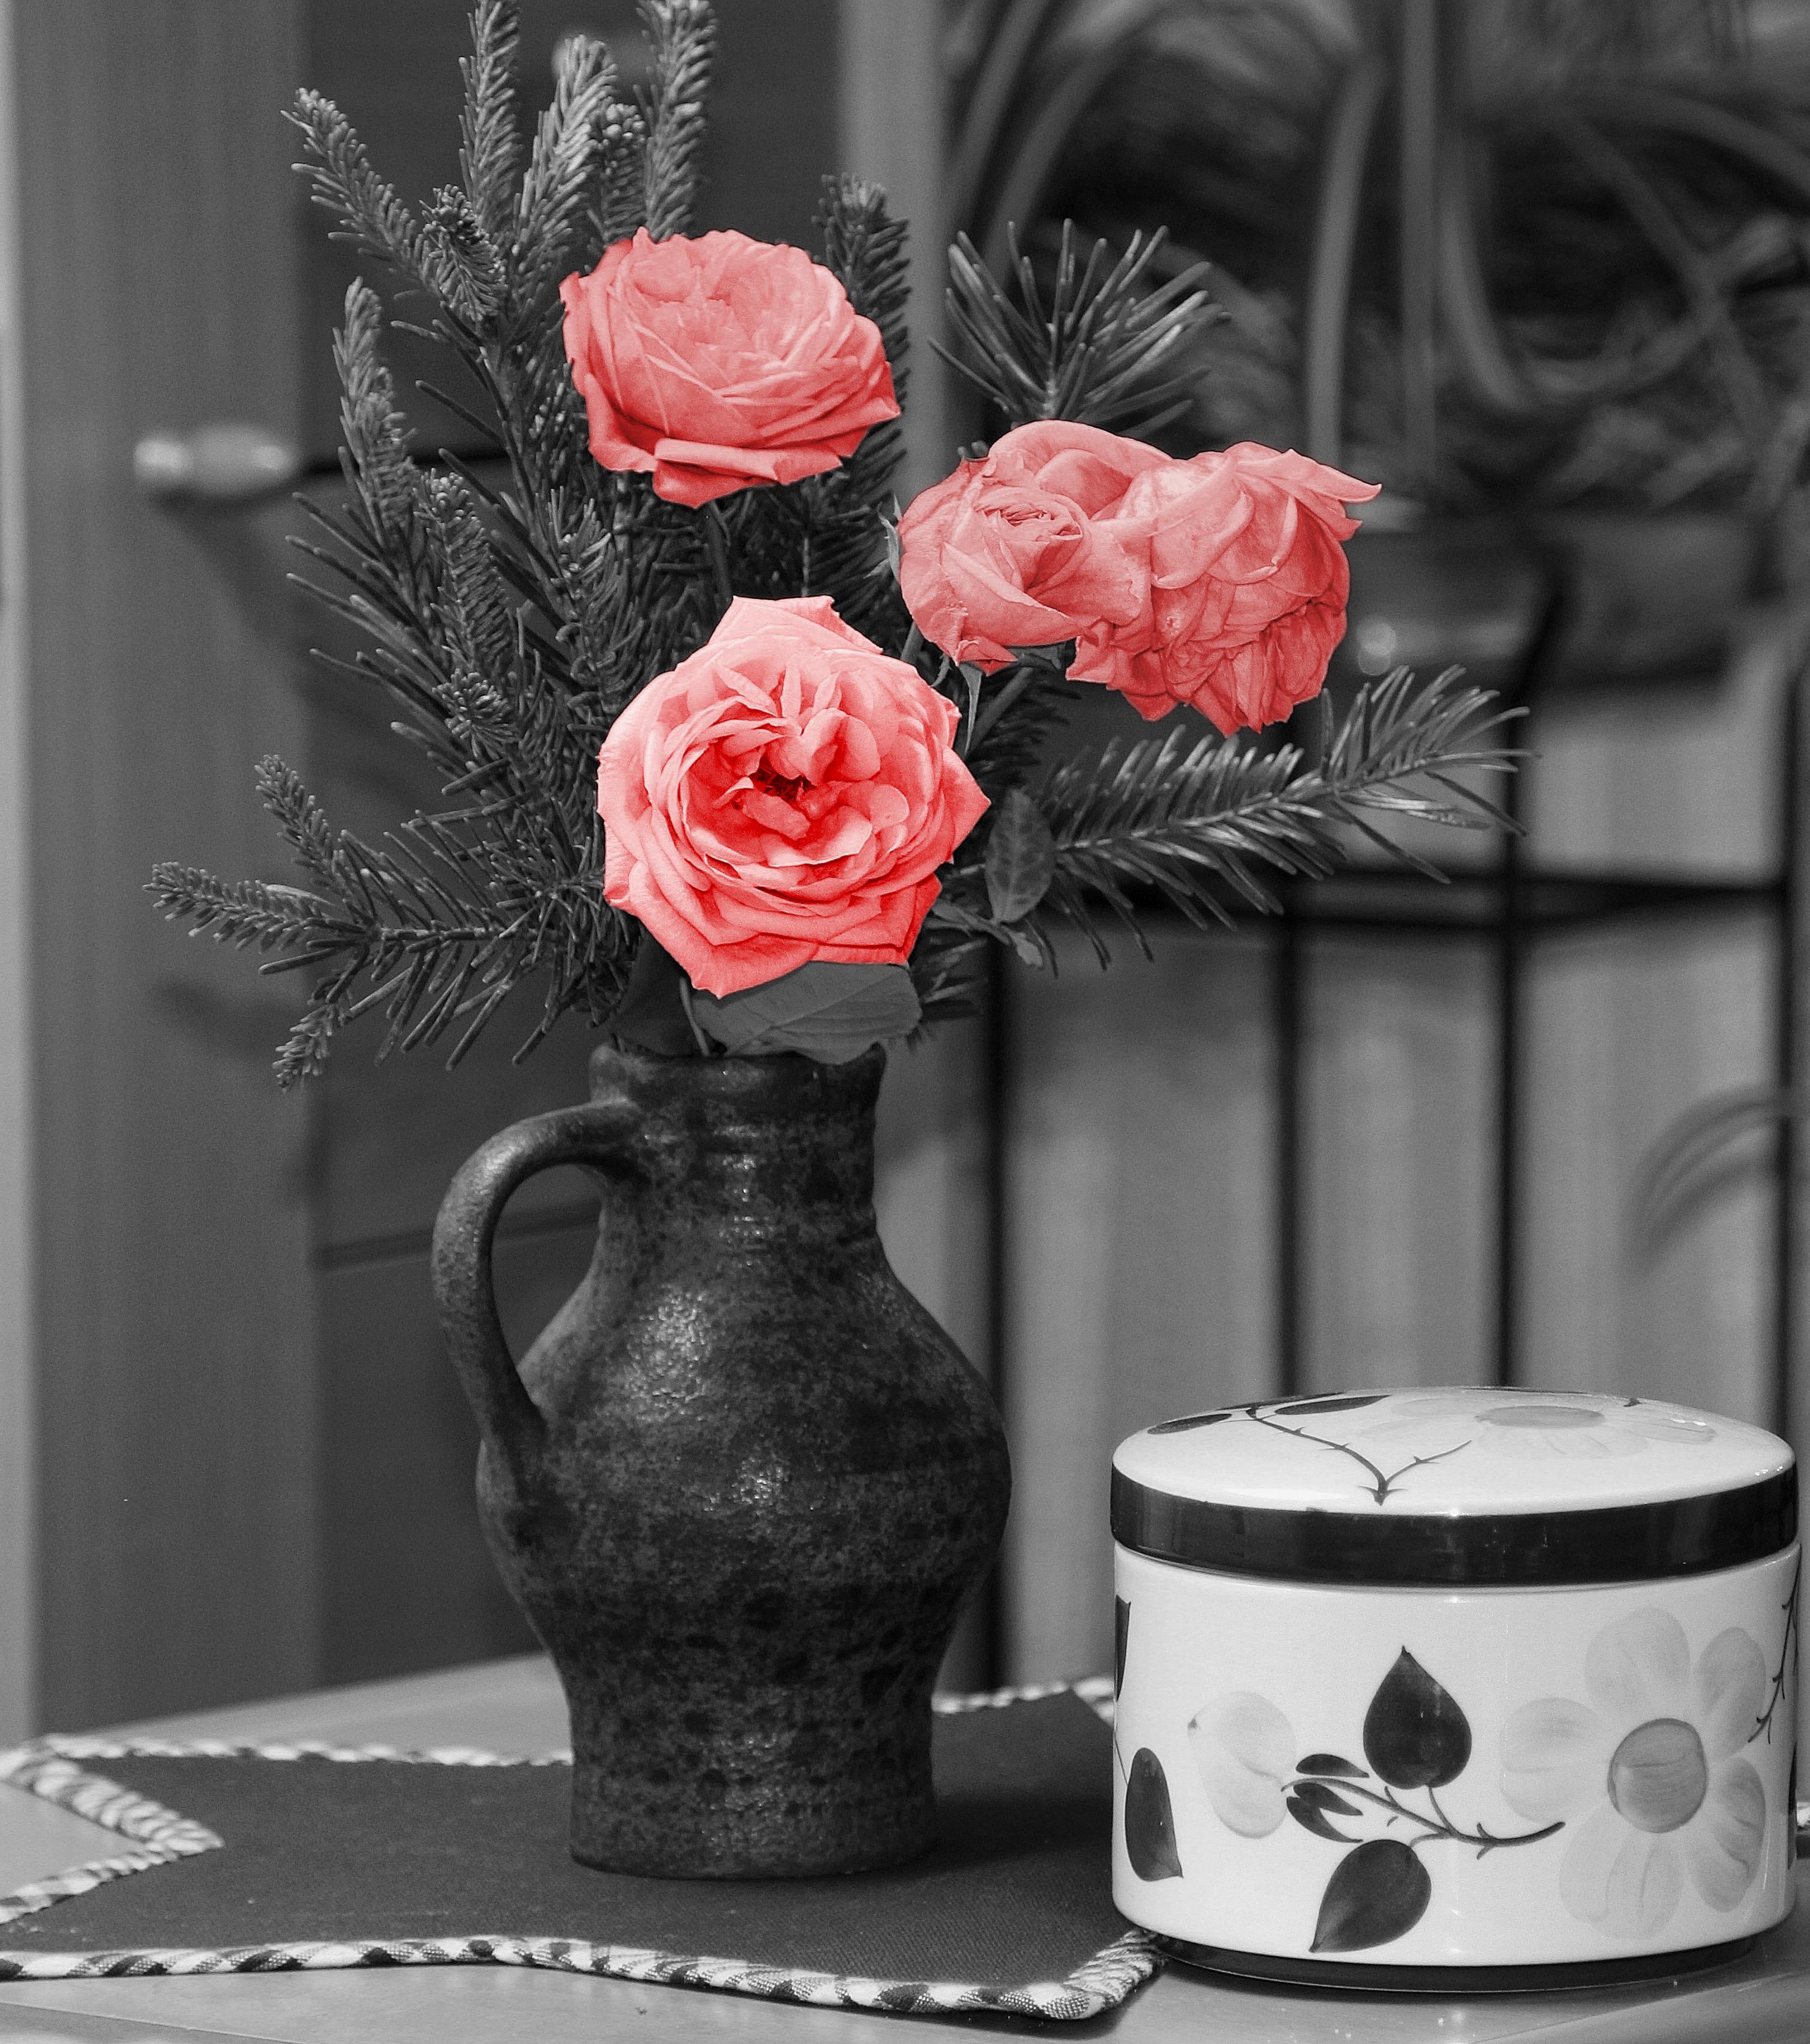 무료 이미지 : 검정색과 흰색, 식물, 화이트, 병 장식, 빨간, 검은 ...